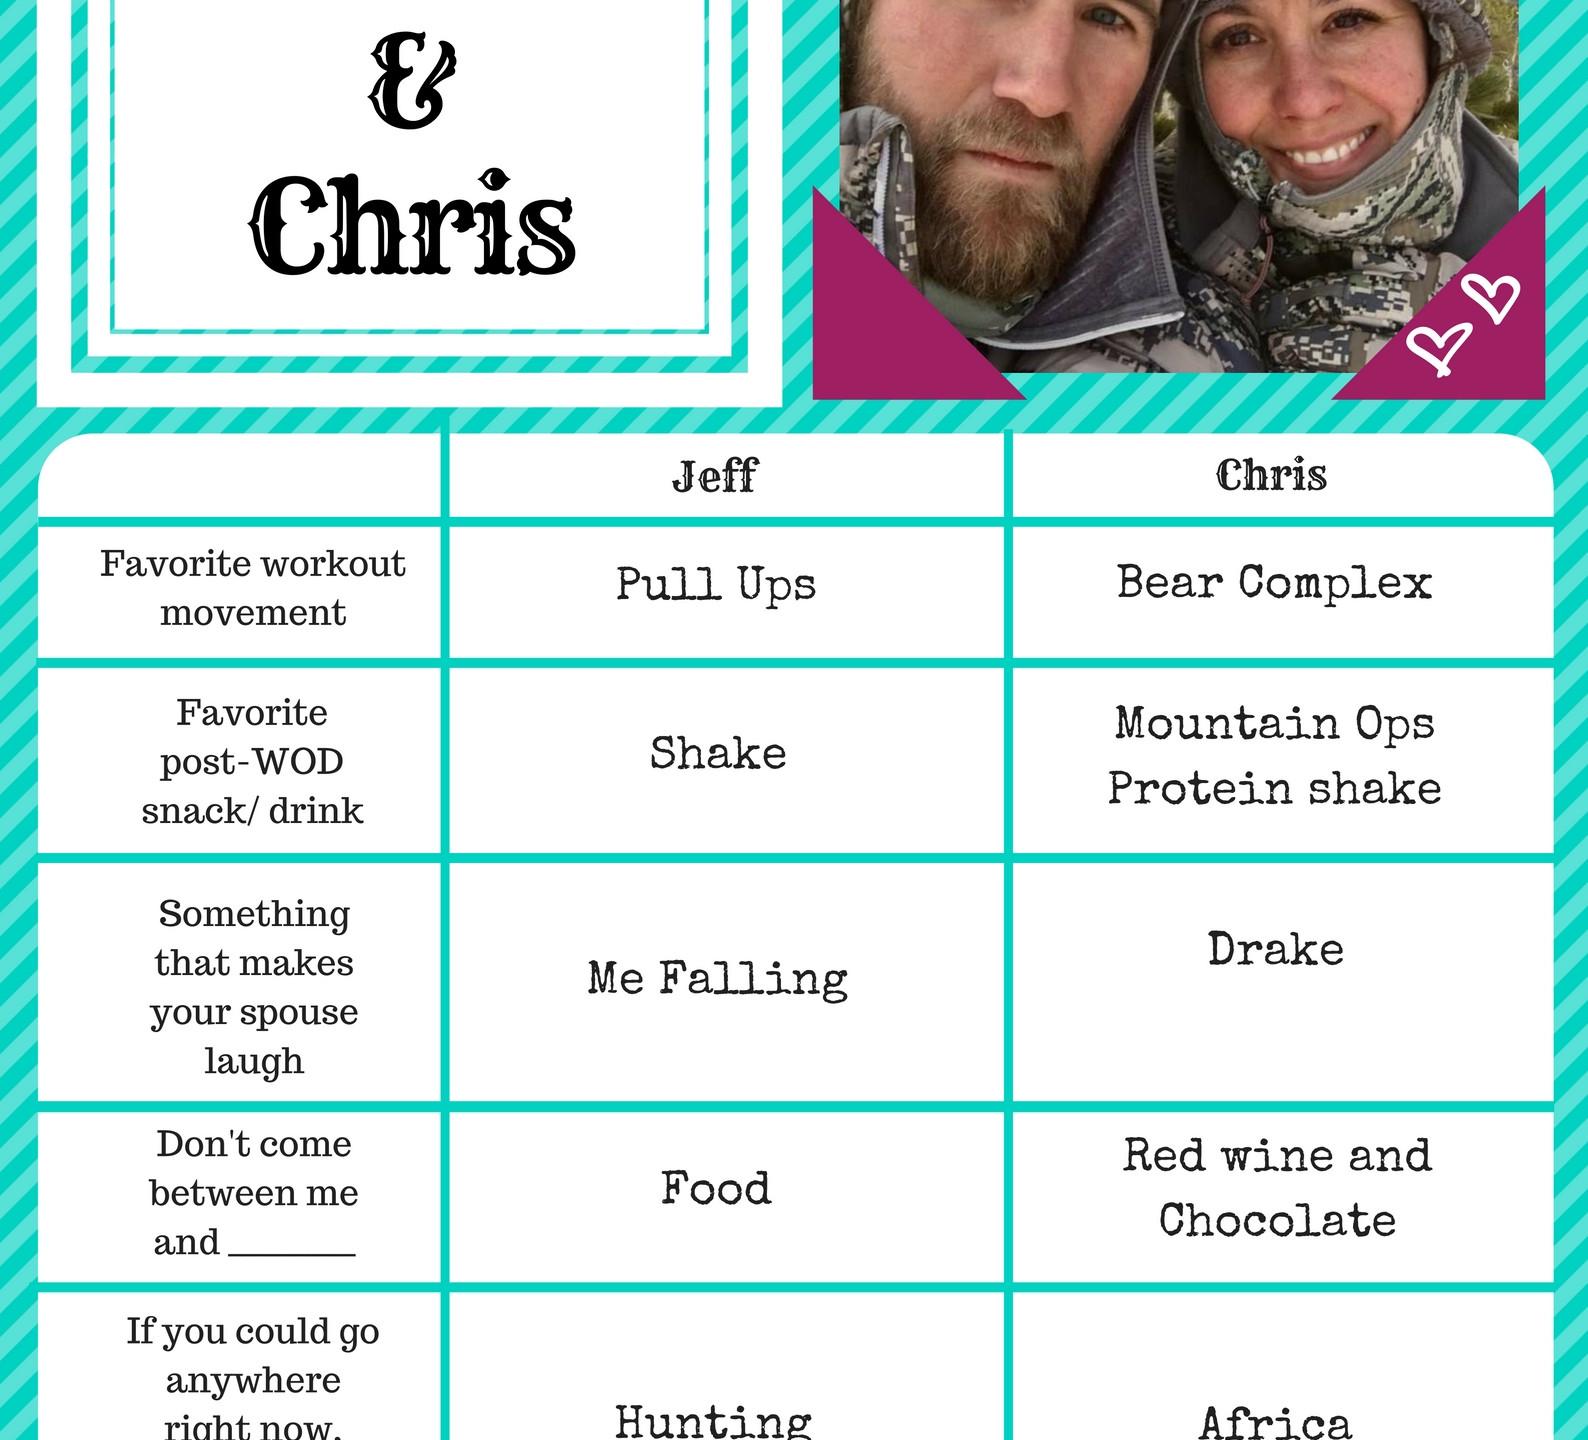 Jeff and Chris